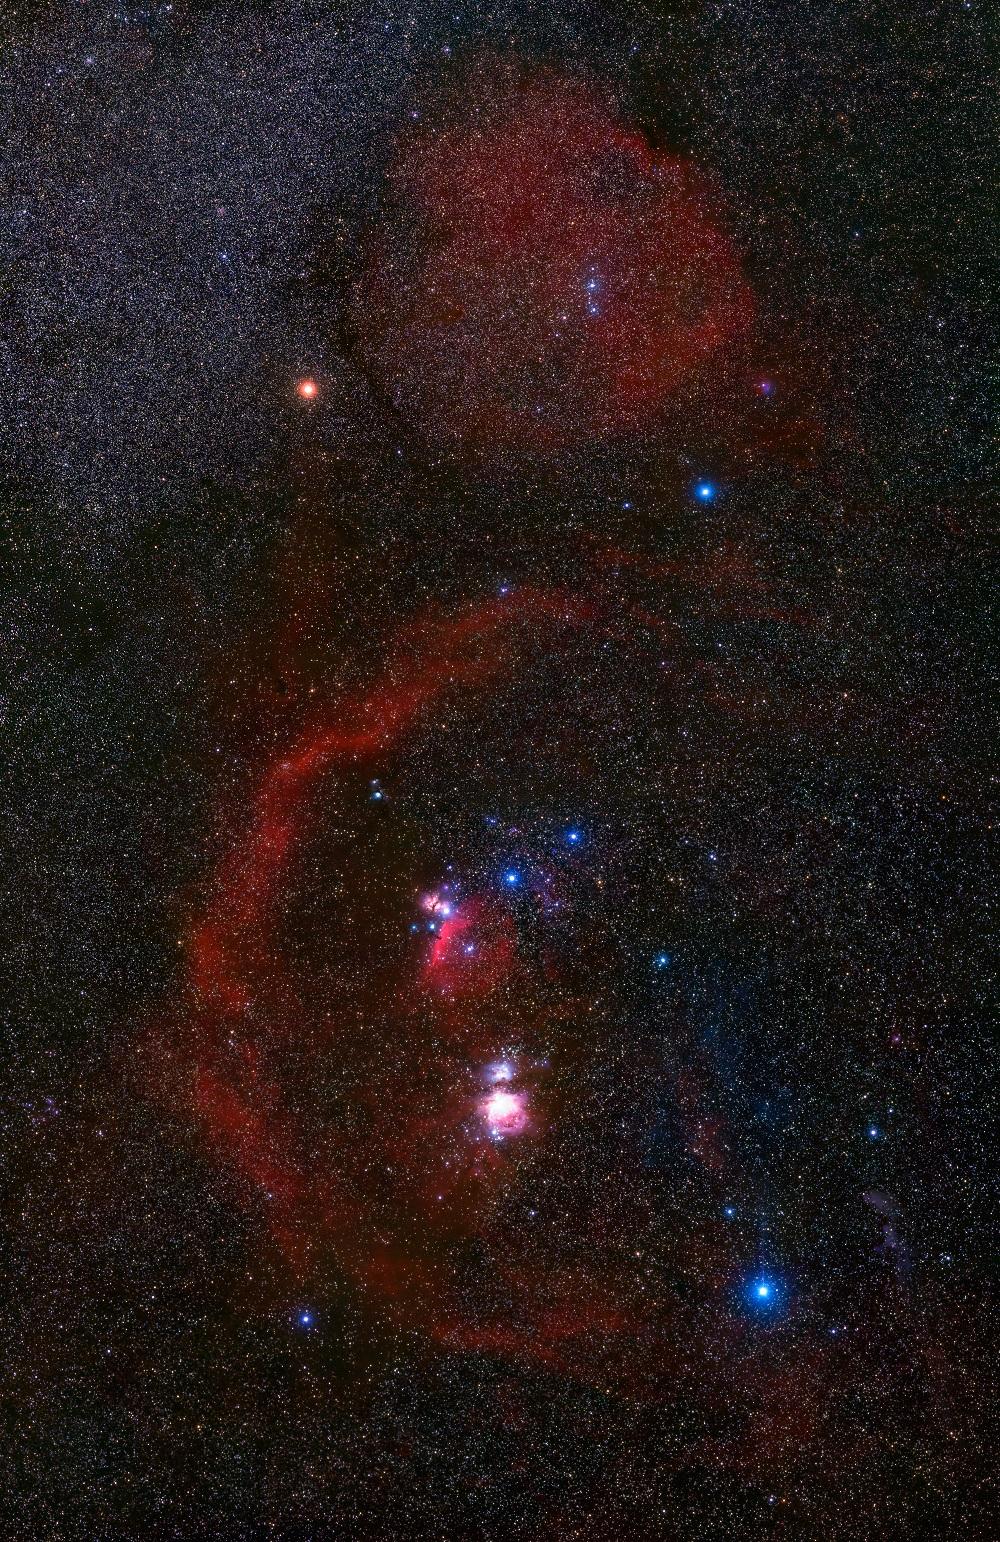 王為豪不但是專業天文學家,也是天文攝影的專家。圖為王為豪拍攝的獵戶座,為 18 幅 馬賽克,總曝光時間 27 小時。 攝影│王為豪